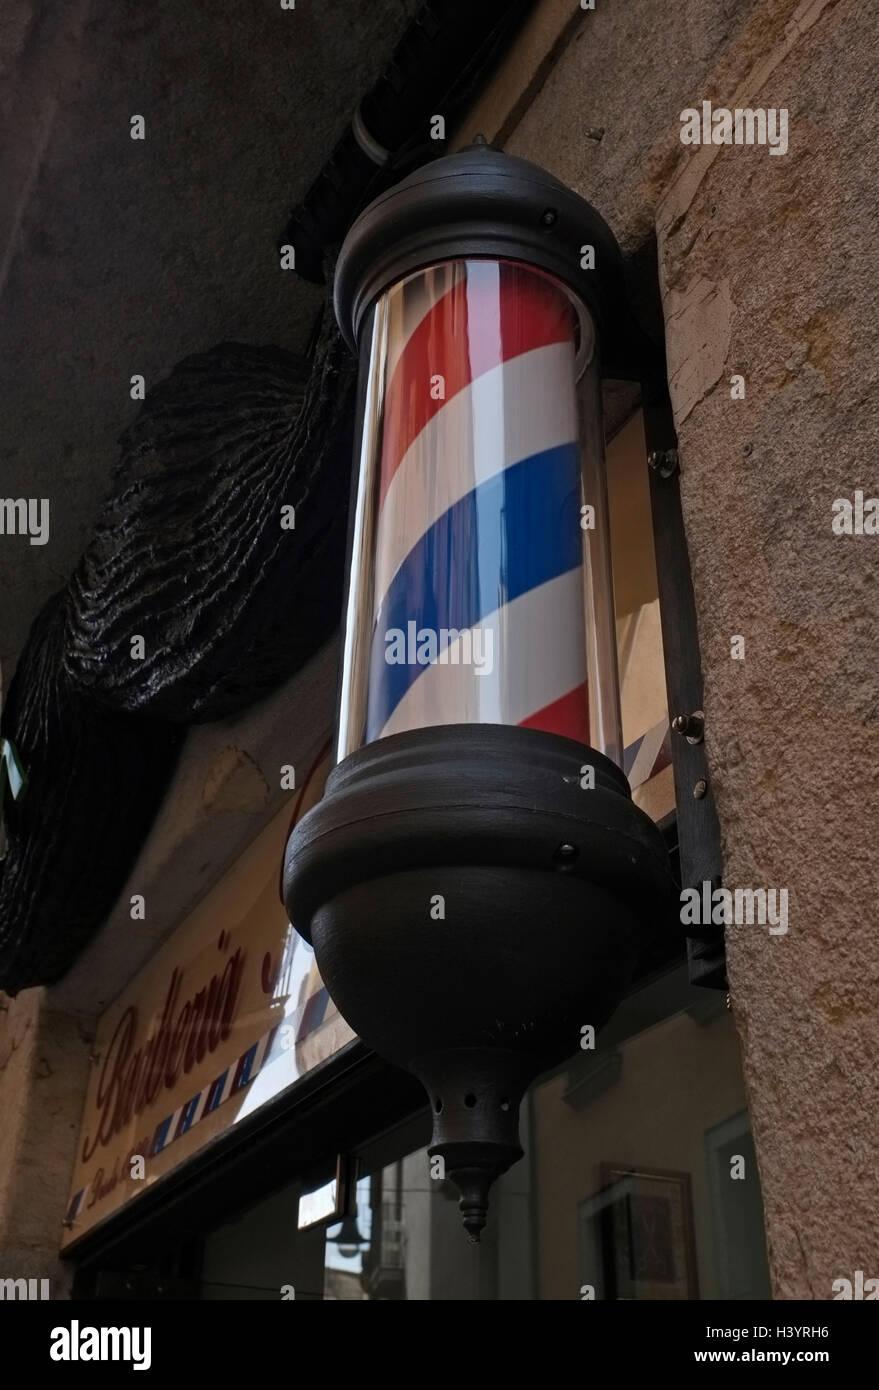 barber shop sign or Barber's pole - Stock Image